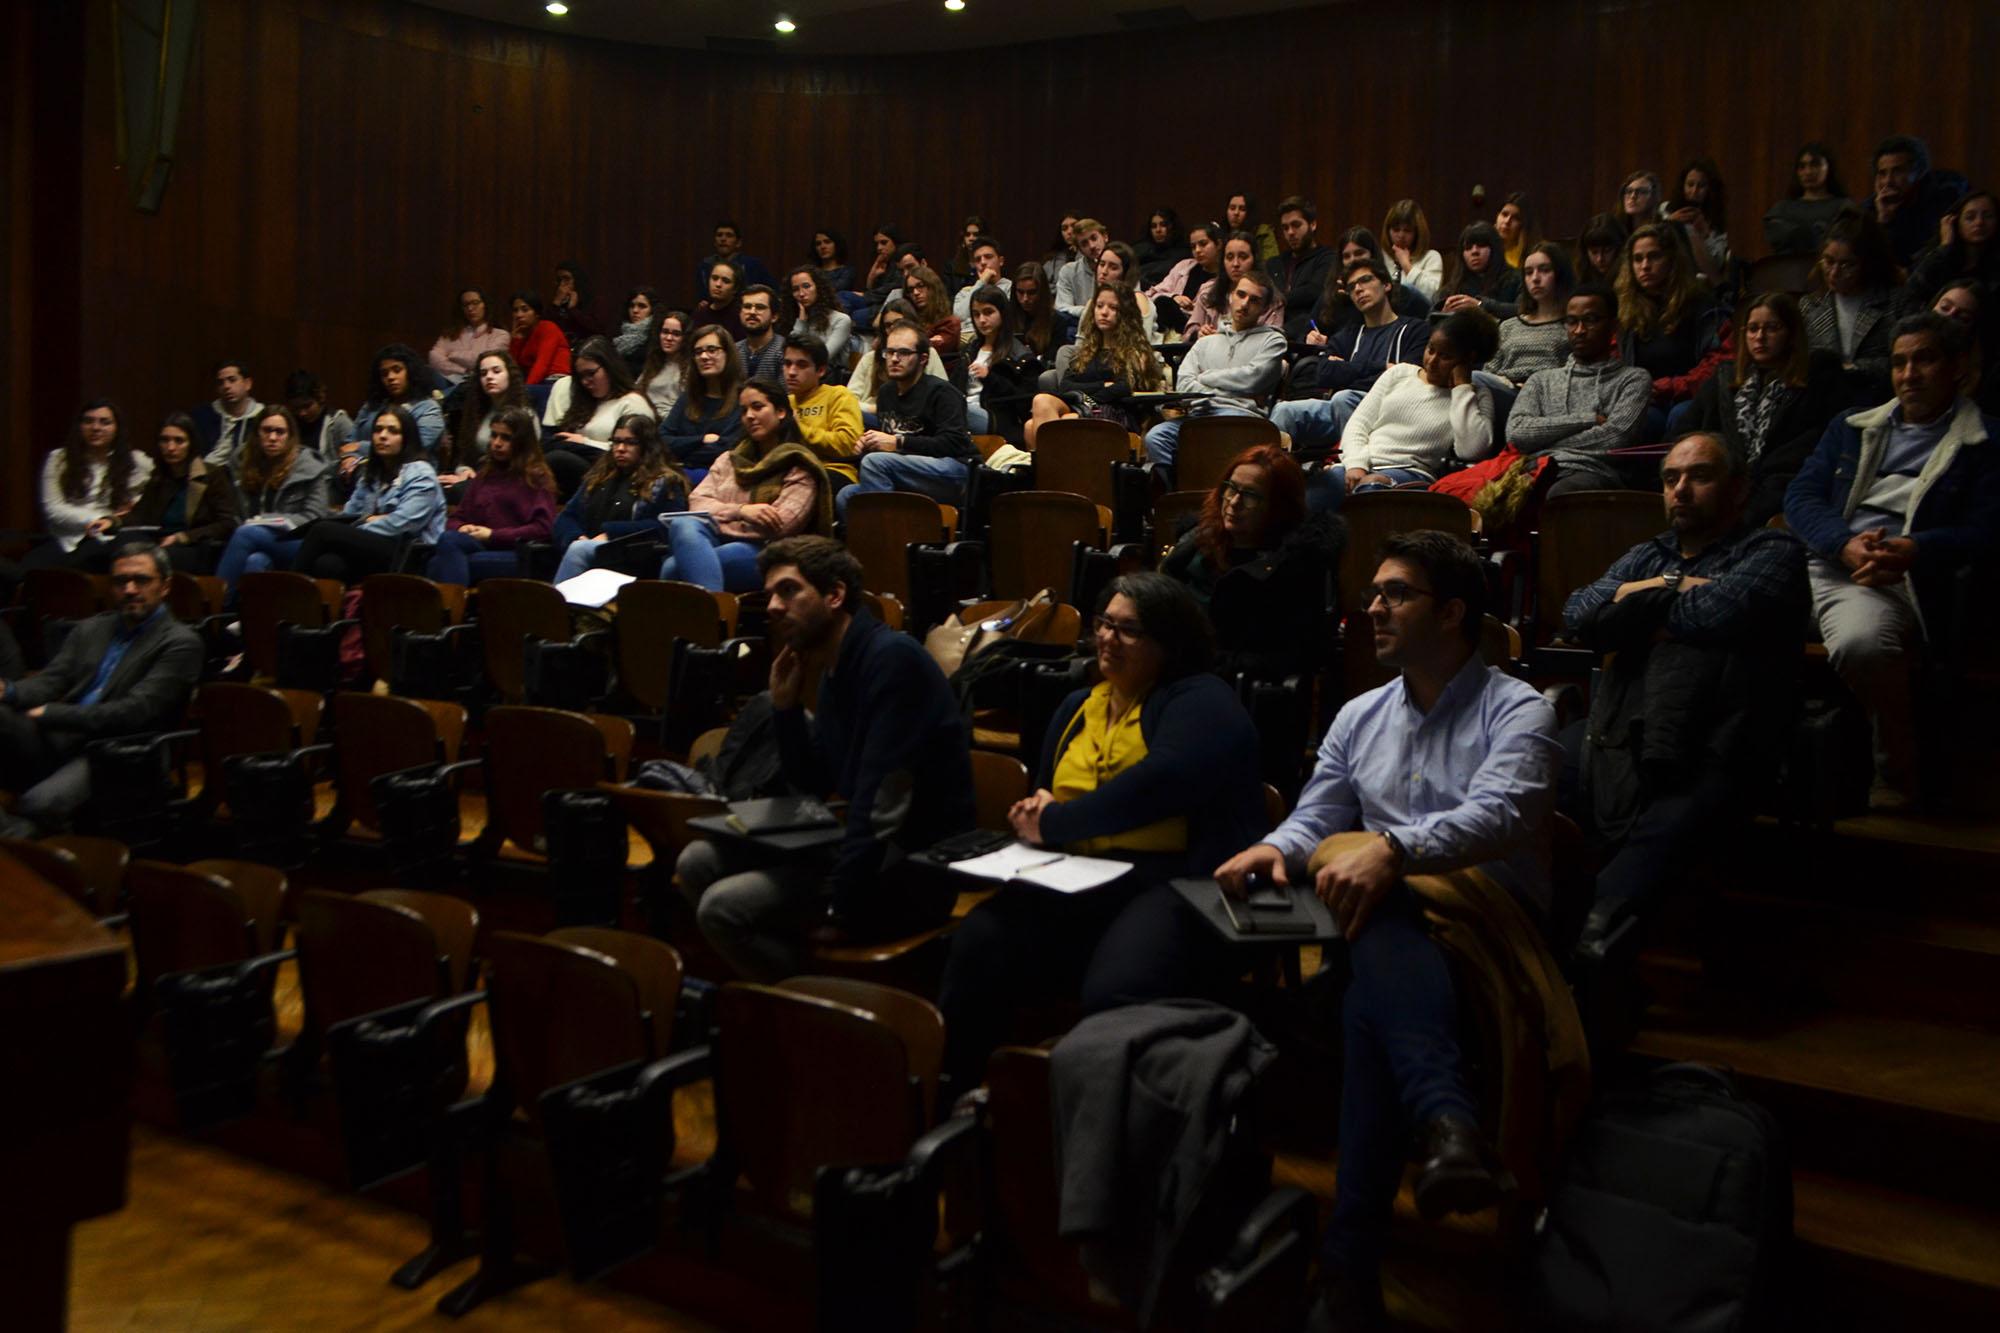 Auditório da Faculdade de Letras da Universidade do Porto